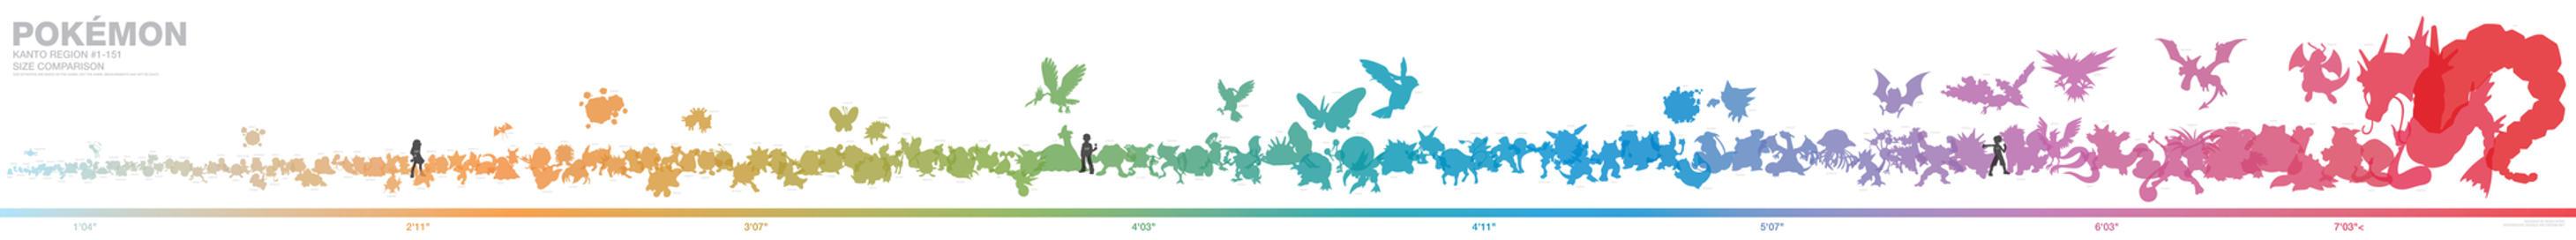 Kanto Pokemon size chart by aznfirestarter